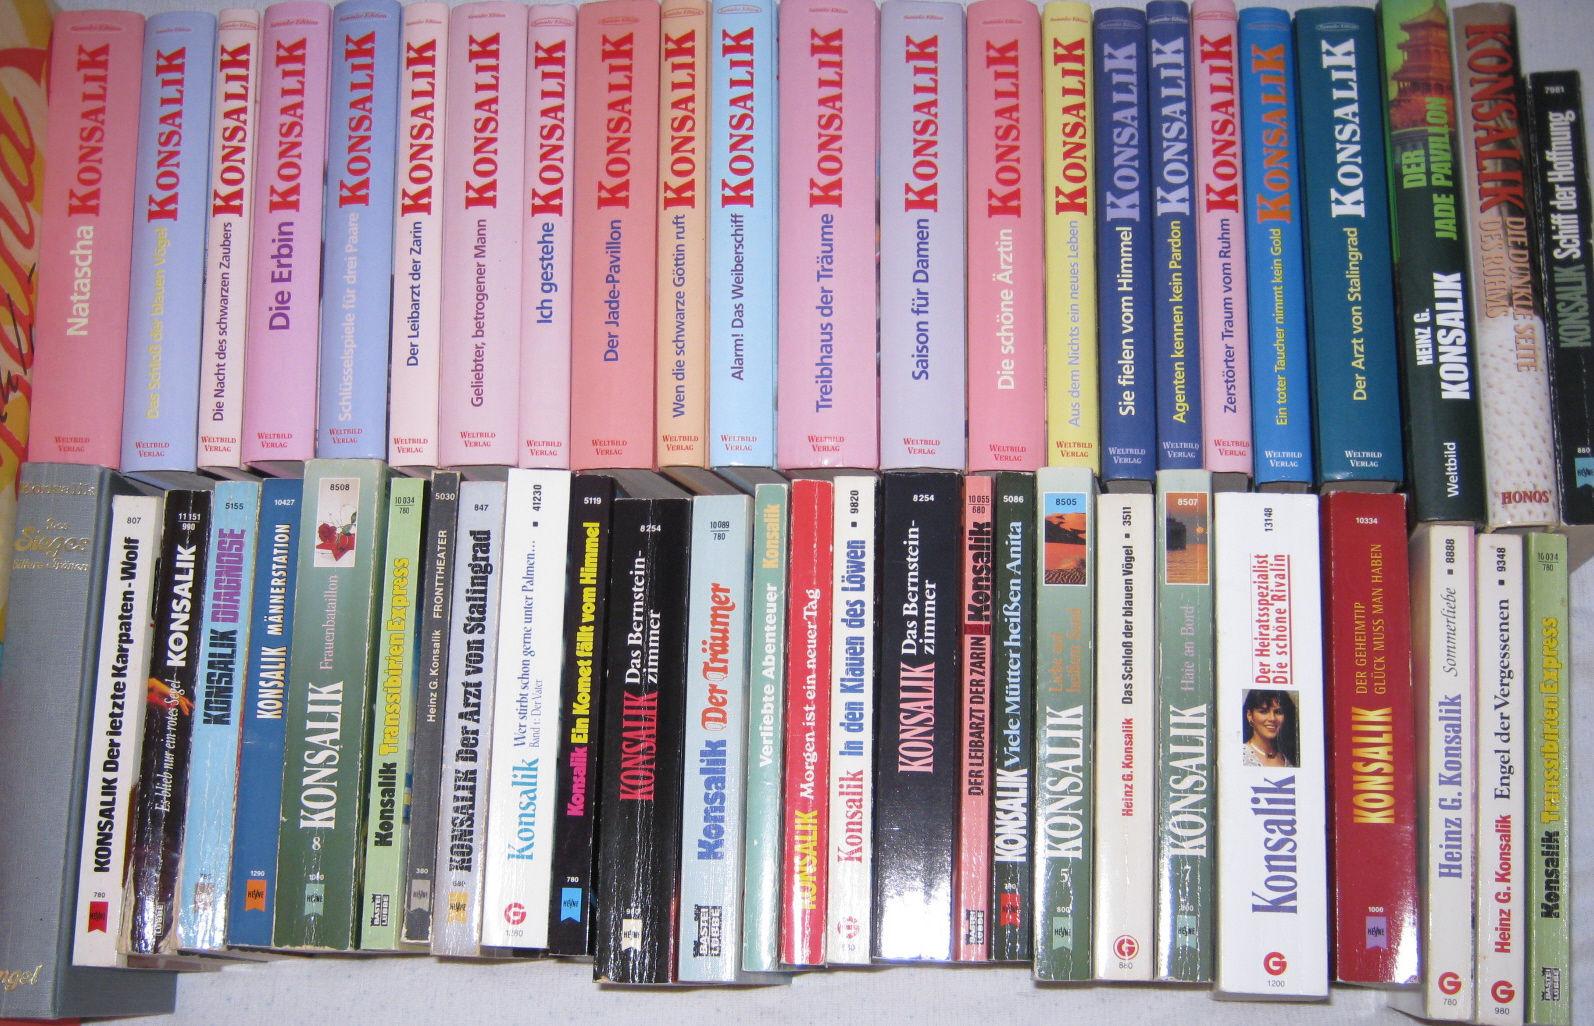 50x Heinz G Konsalik große Bücher Sammlung Buch Paket Bestseller Romane Weltbild